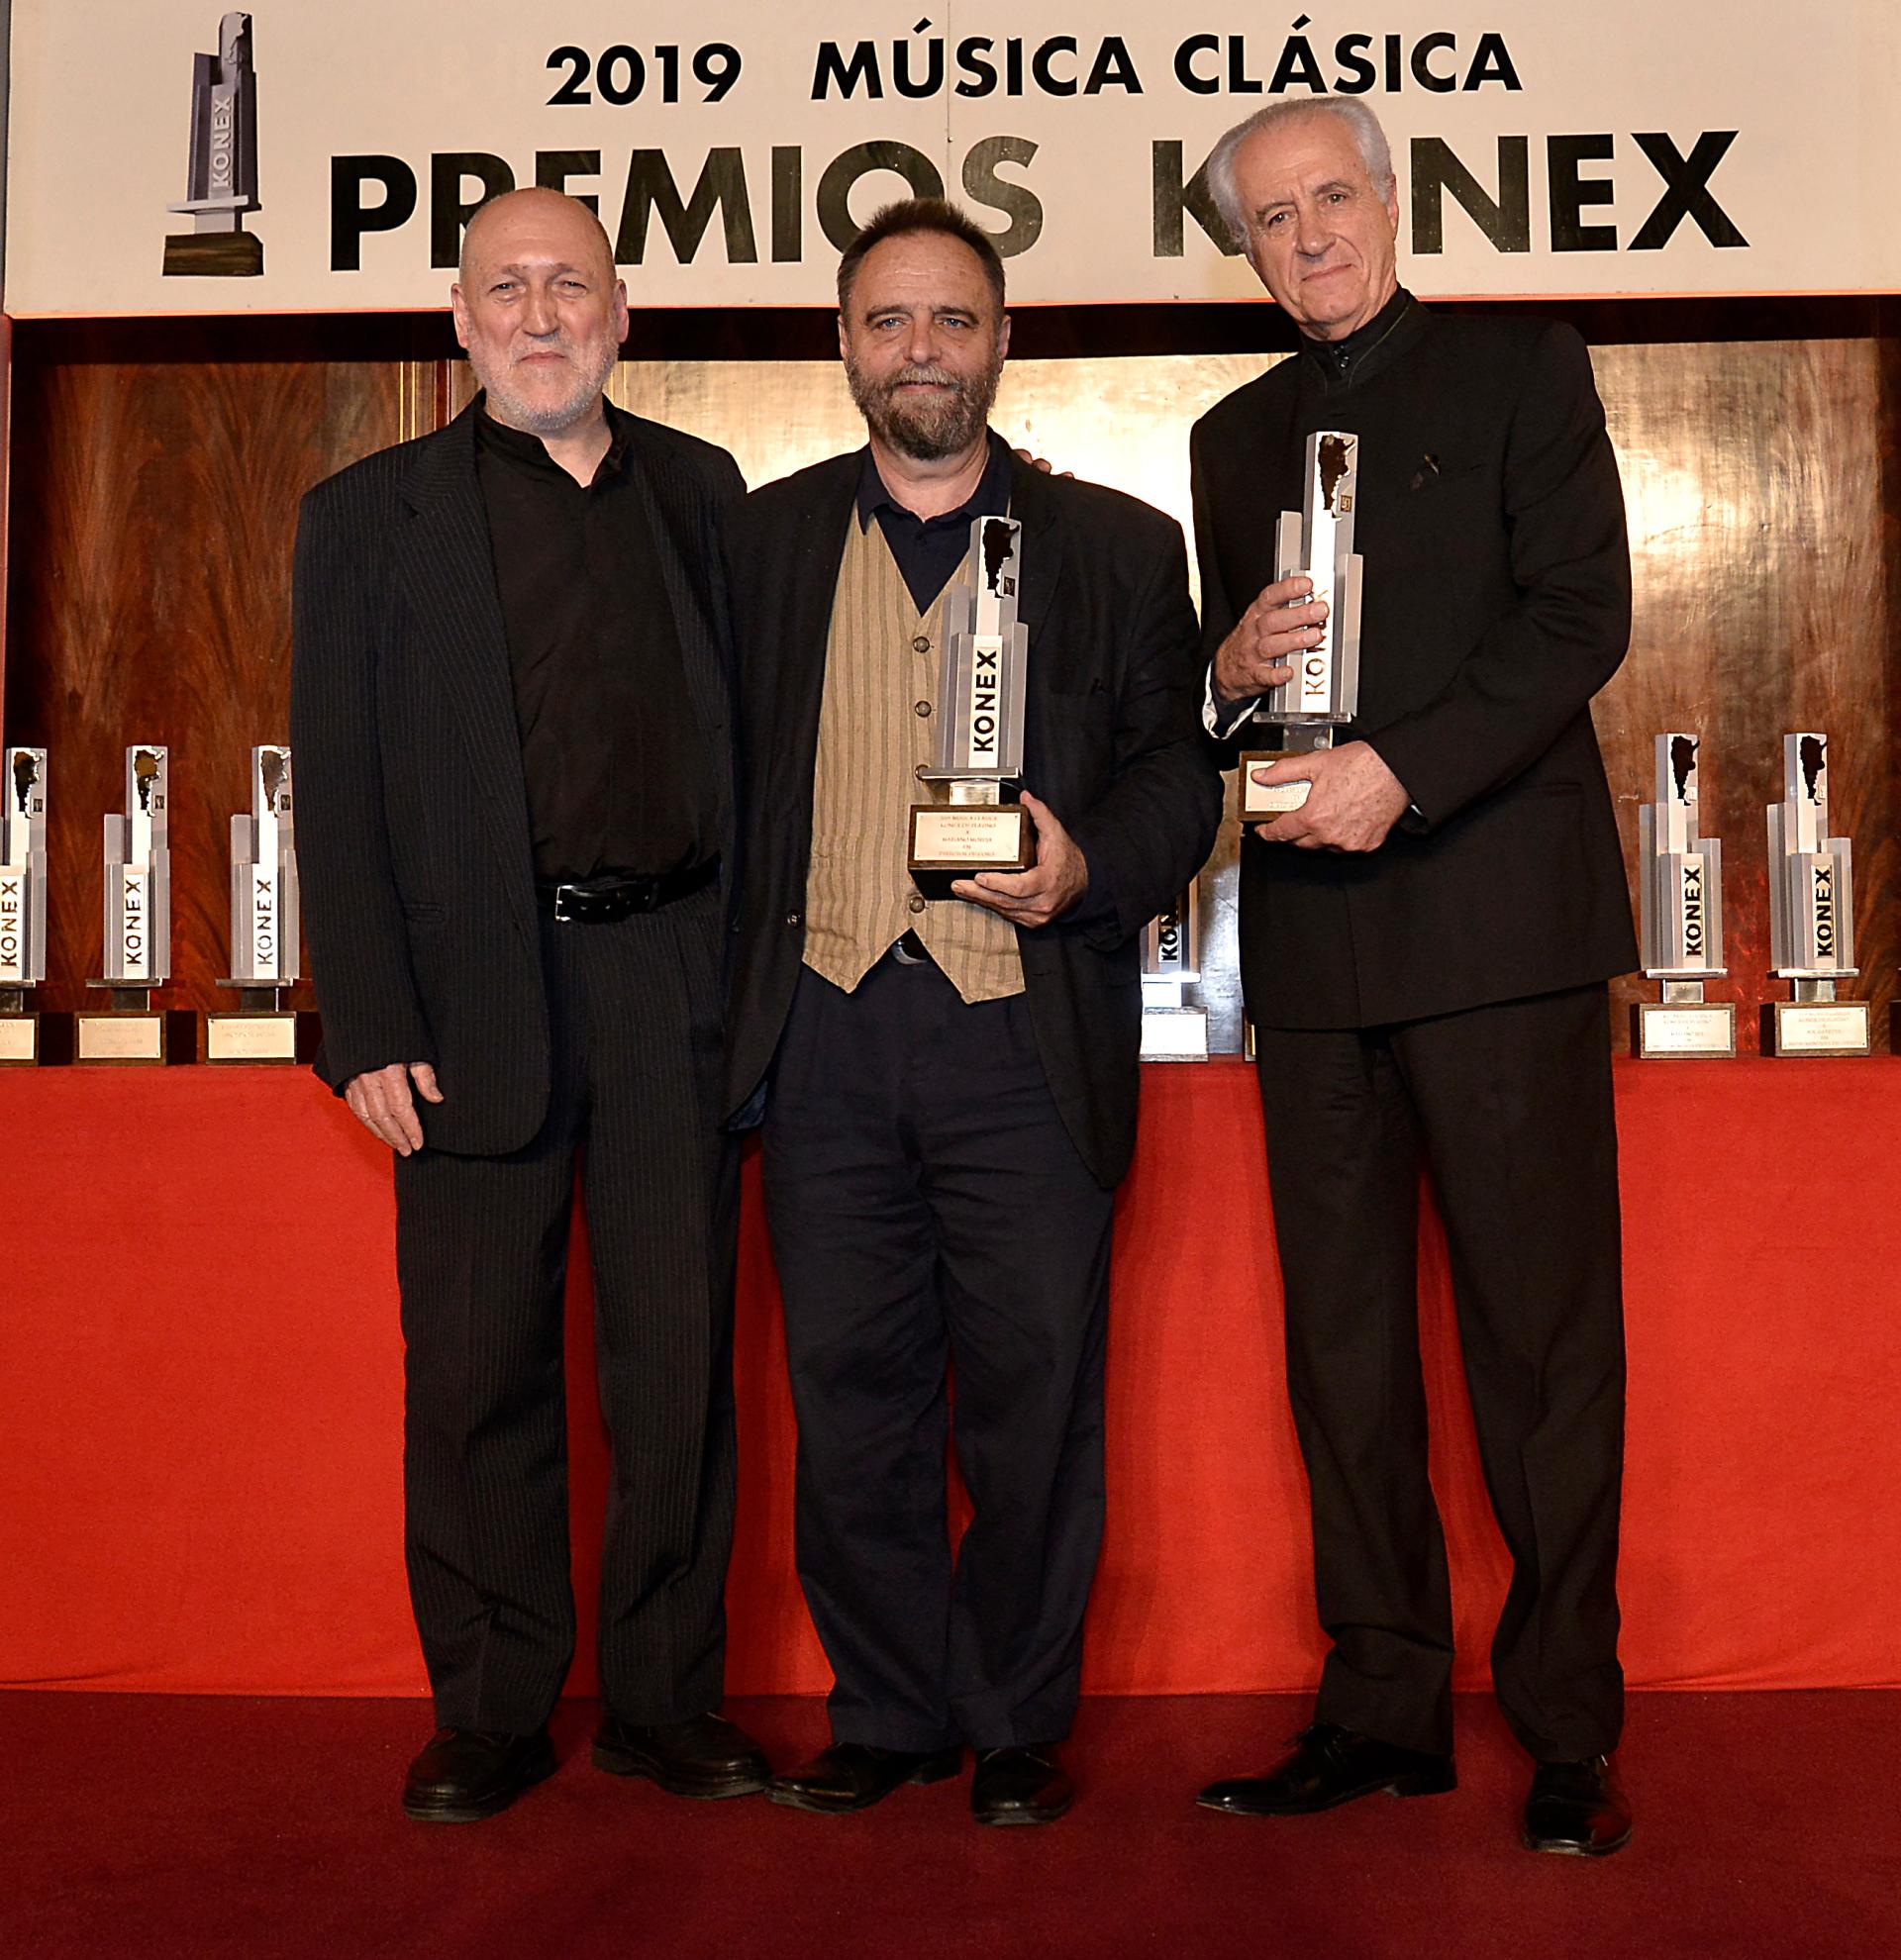 Los directores de Coro, Mariano Moruja y Andrés Máspero